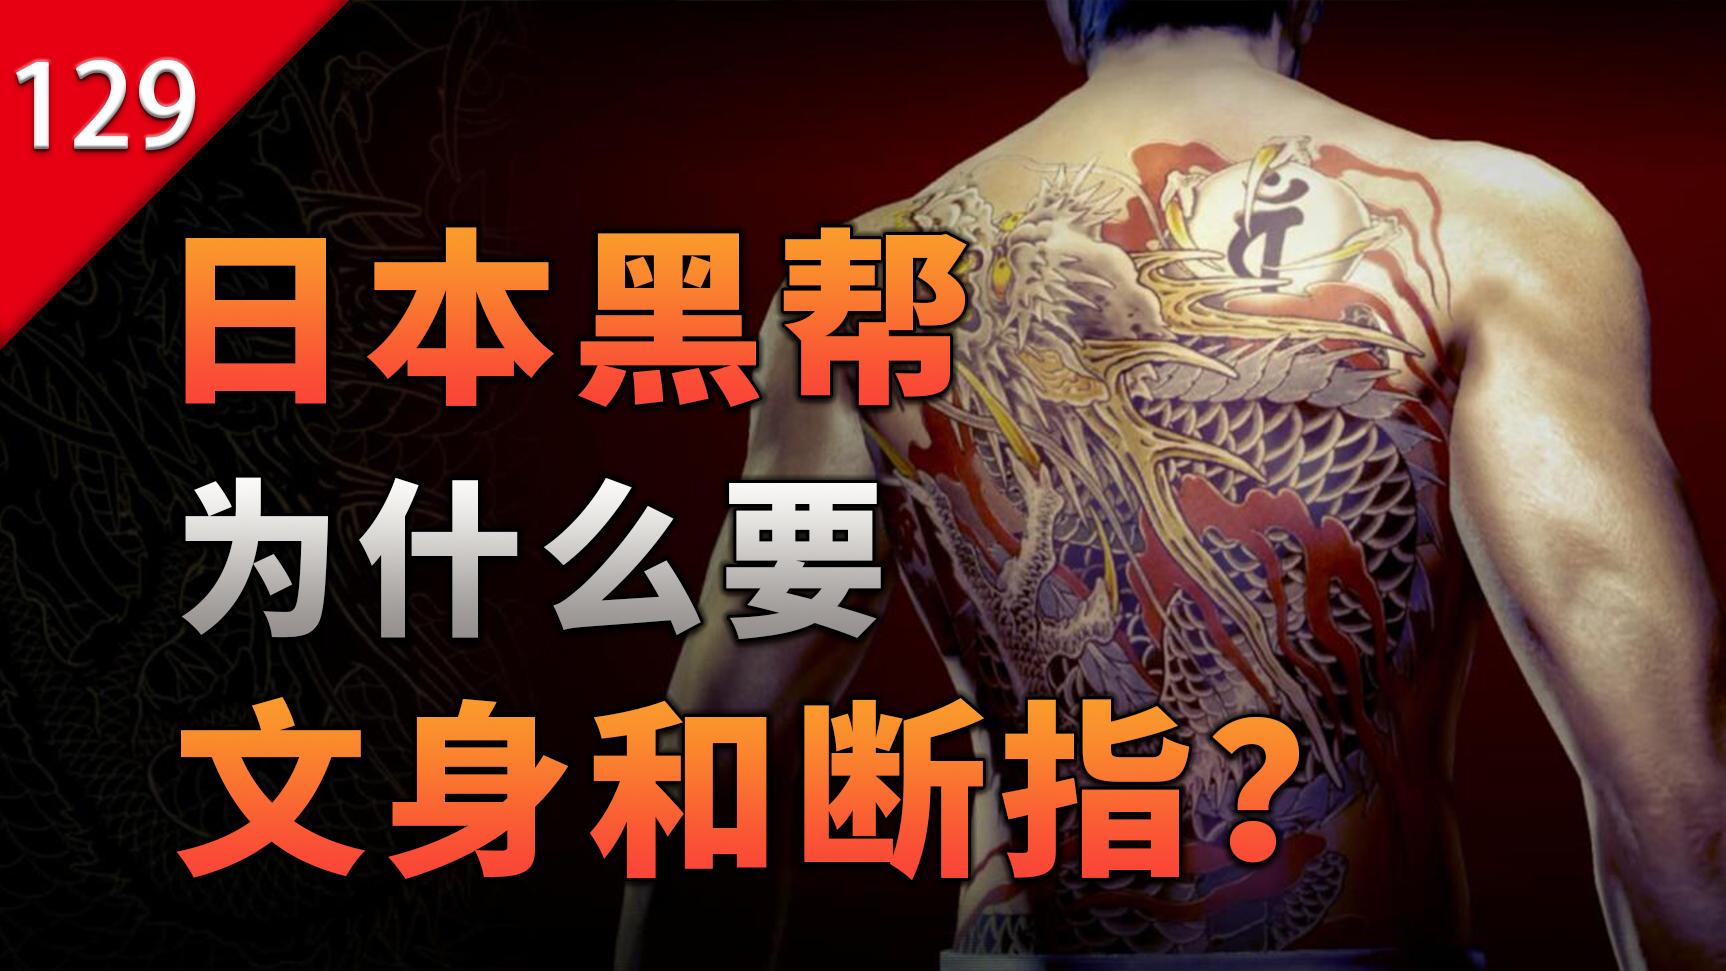 【不止游戏】日本黑帮为什么总有文身和断指?